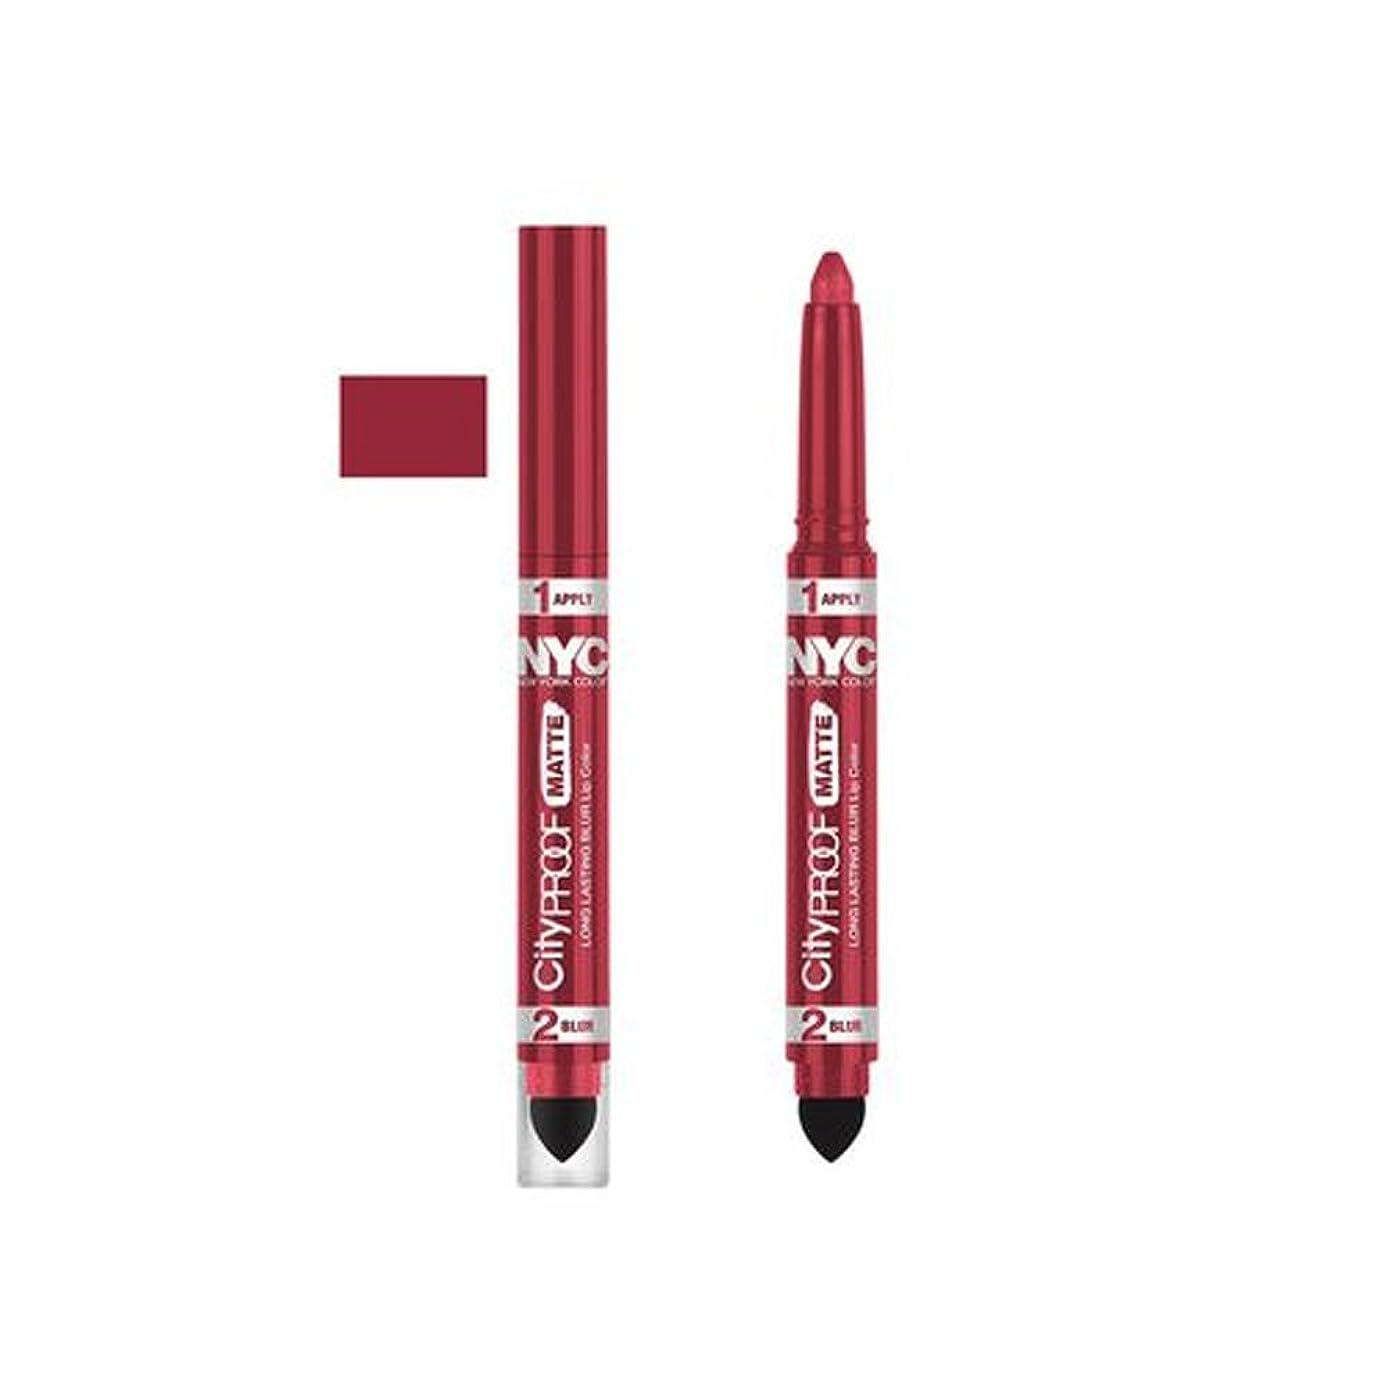 ハーブランク差(3 Pack) NYC City Proof Matte Blur Lip Color - Red High Line (並行輸入品)